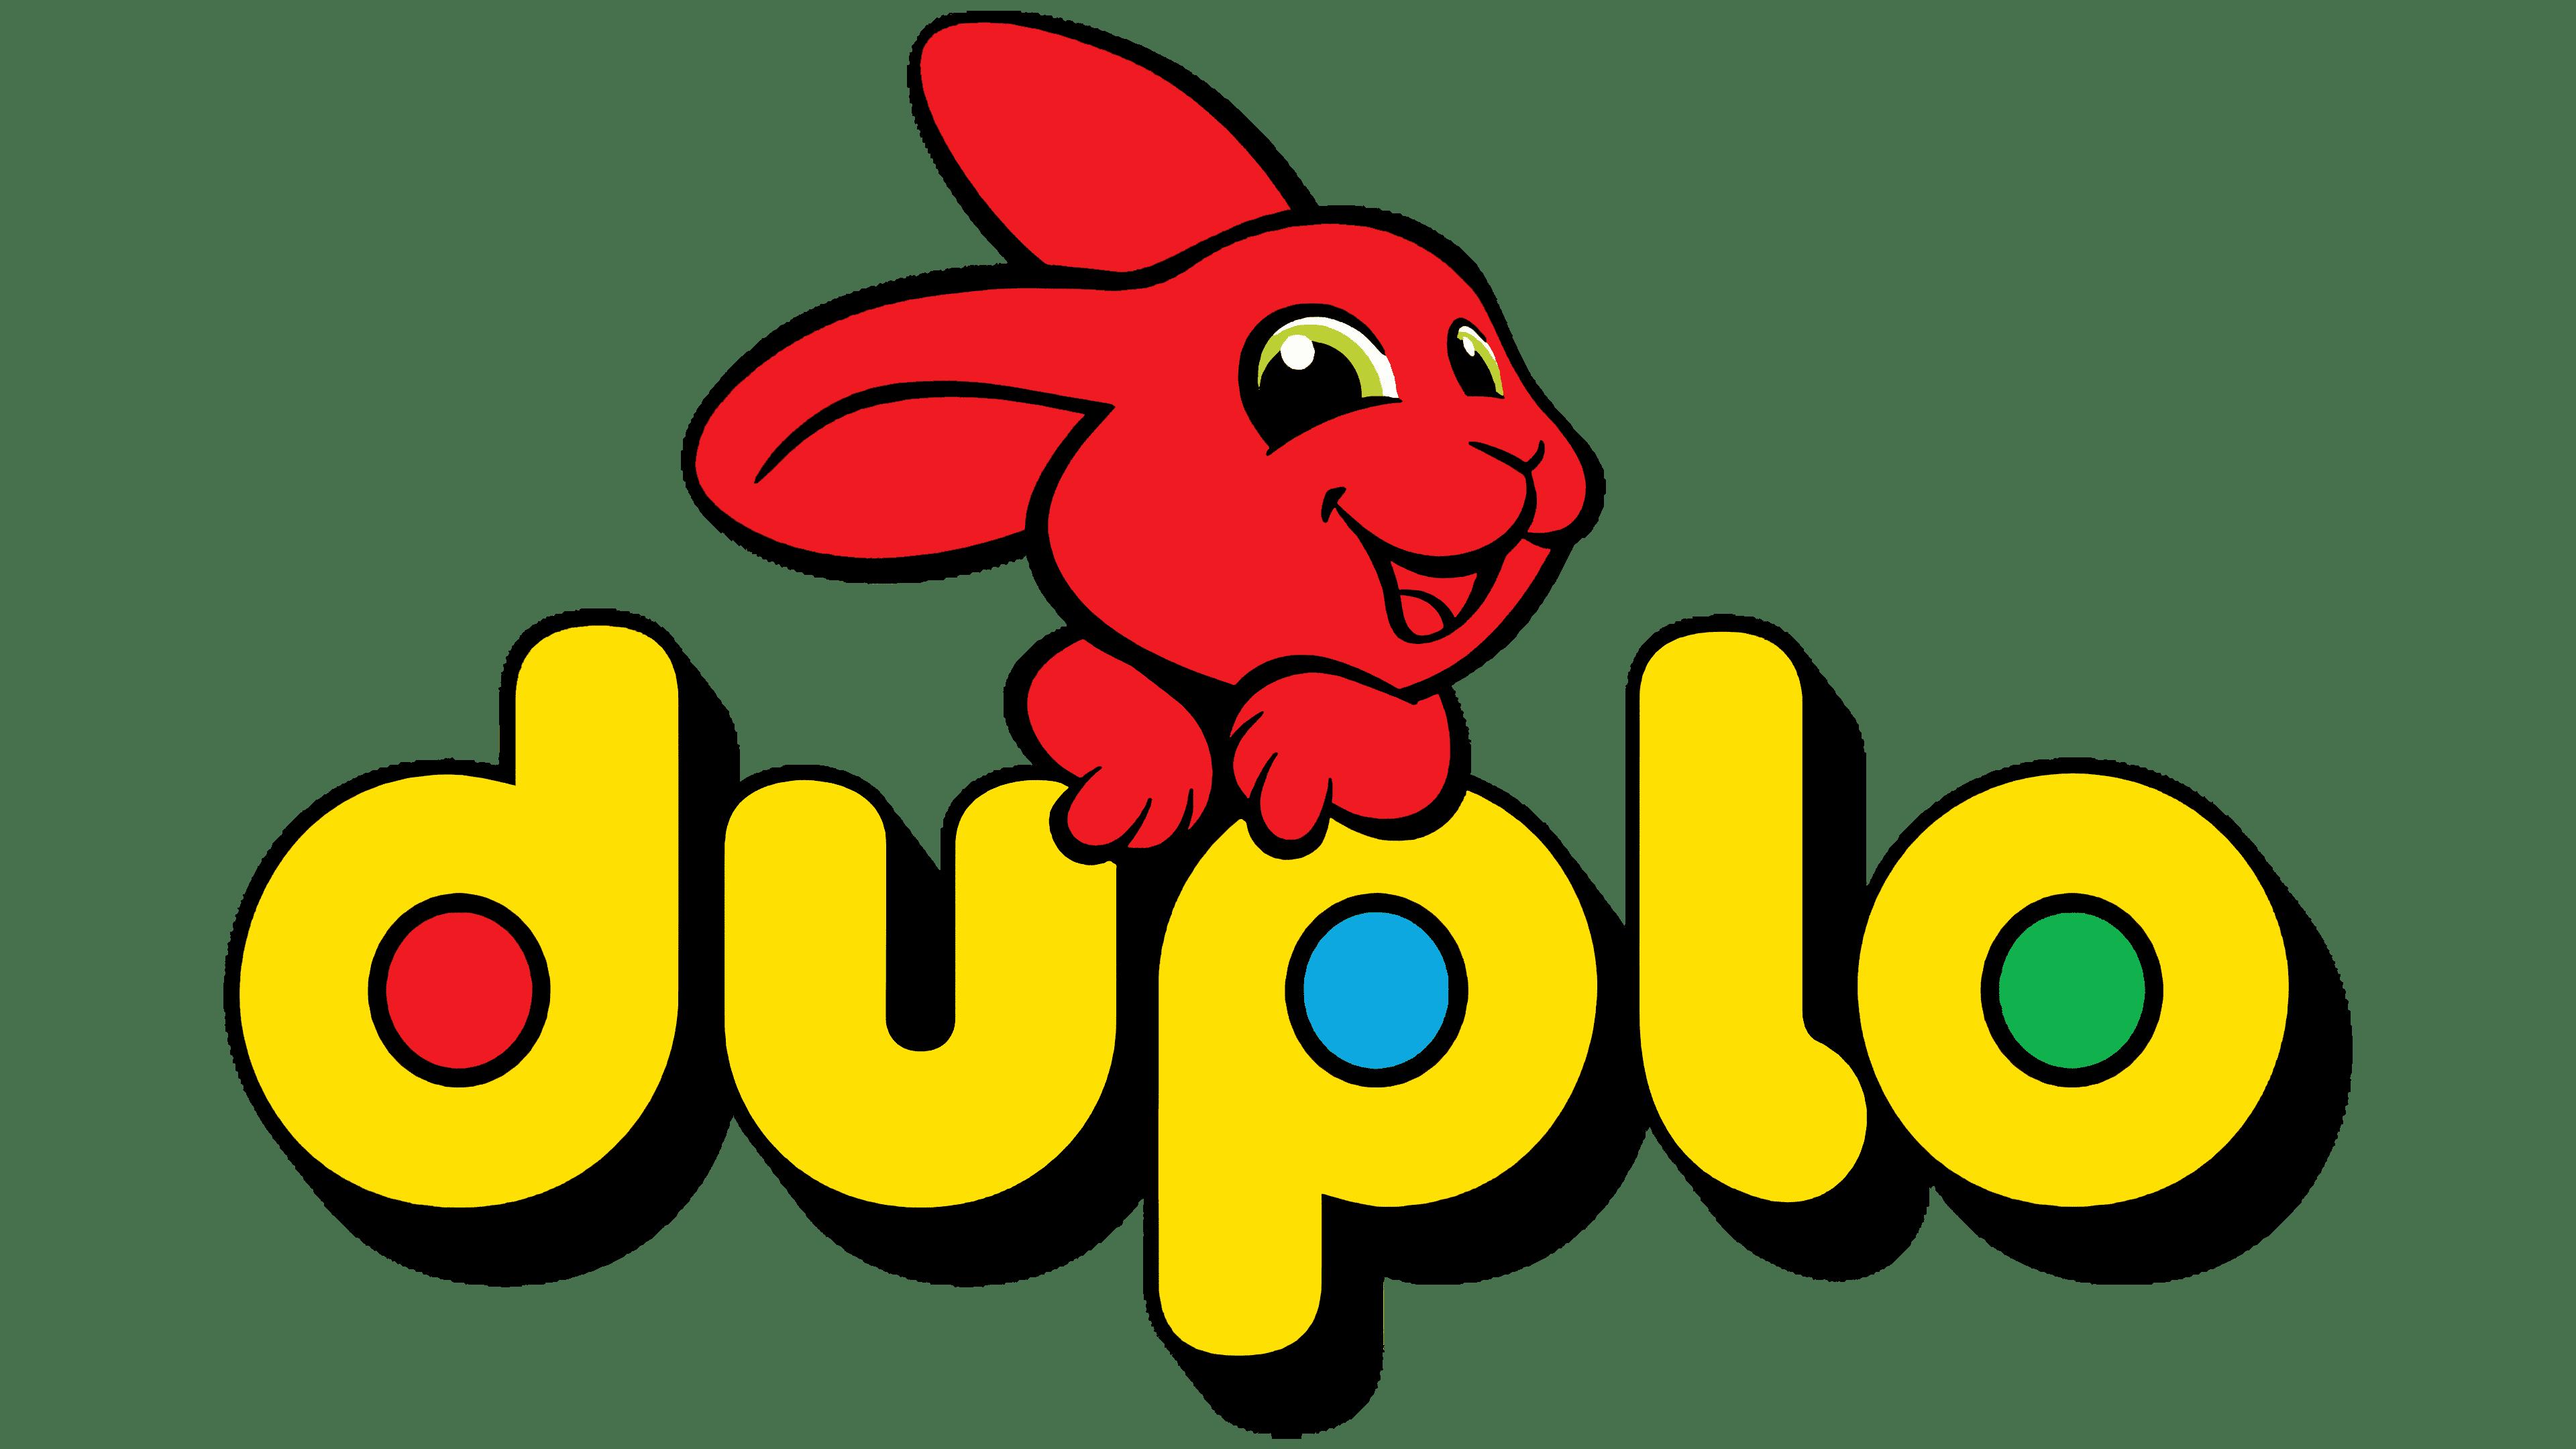 File:Duplo logo.png